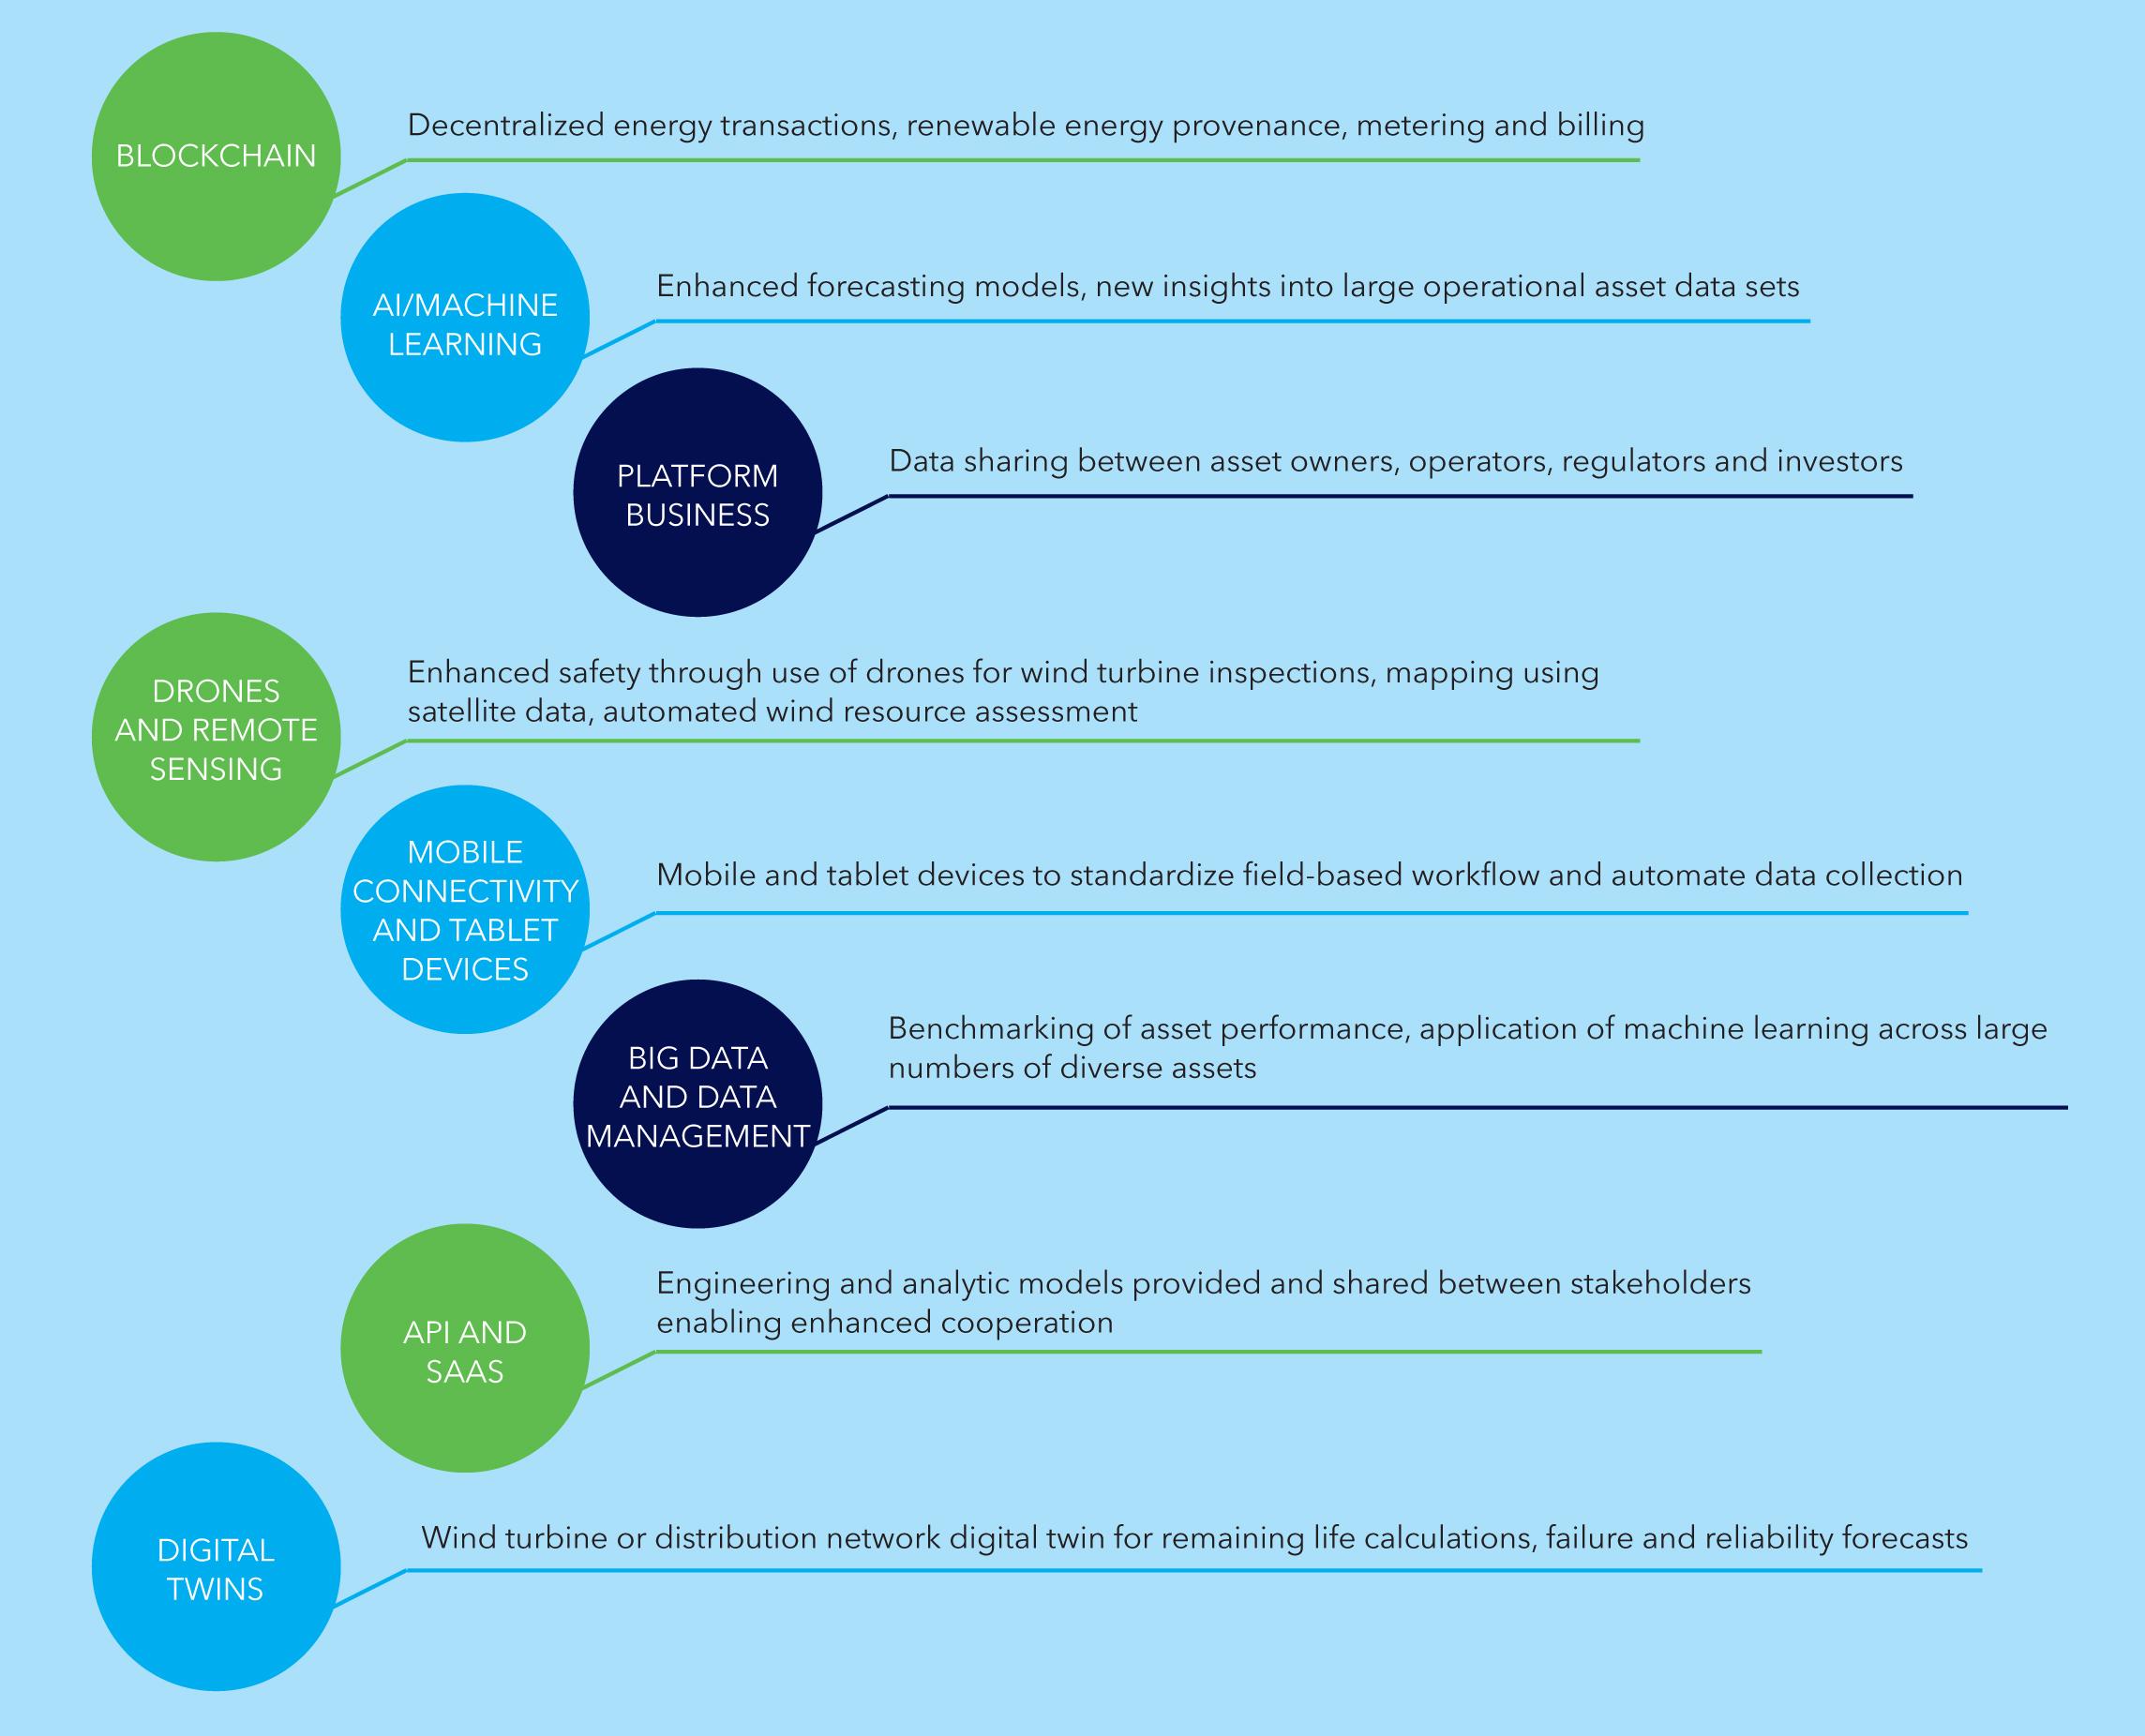 Рис. 3. Пример применения цифровых технологий в энергетической отрасли. Источник: DNV GL «Digitalization and the future of Energy», сентябрь 2019.